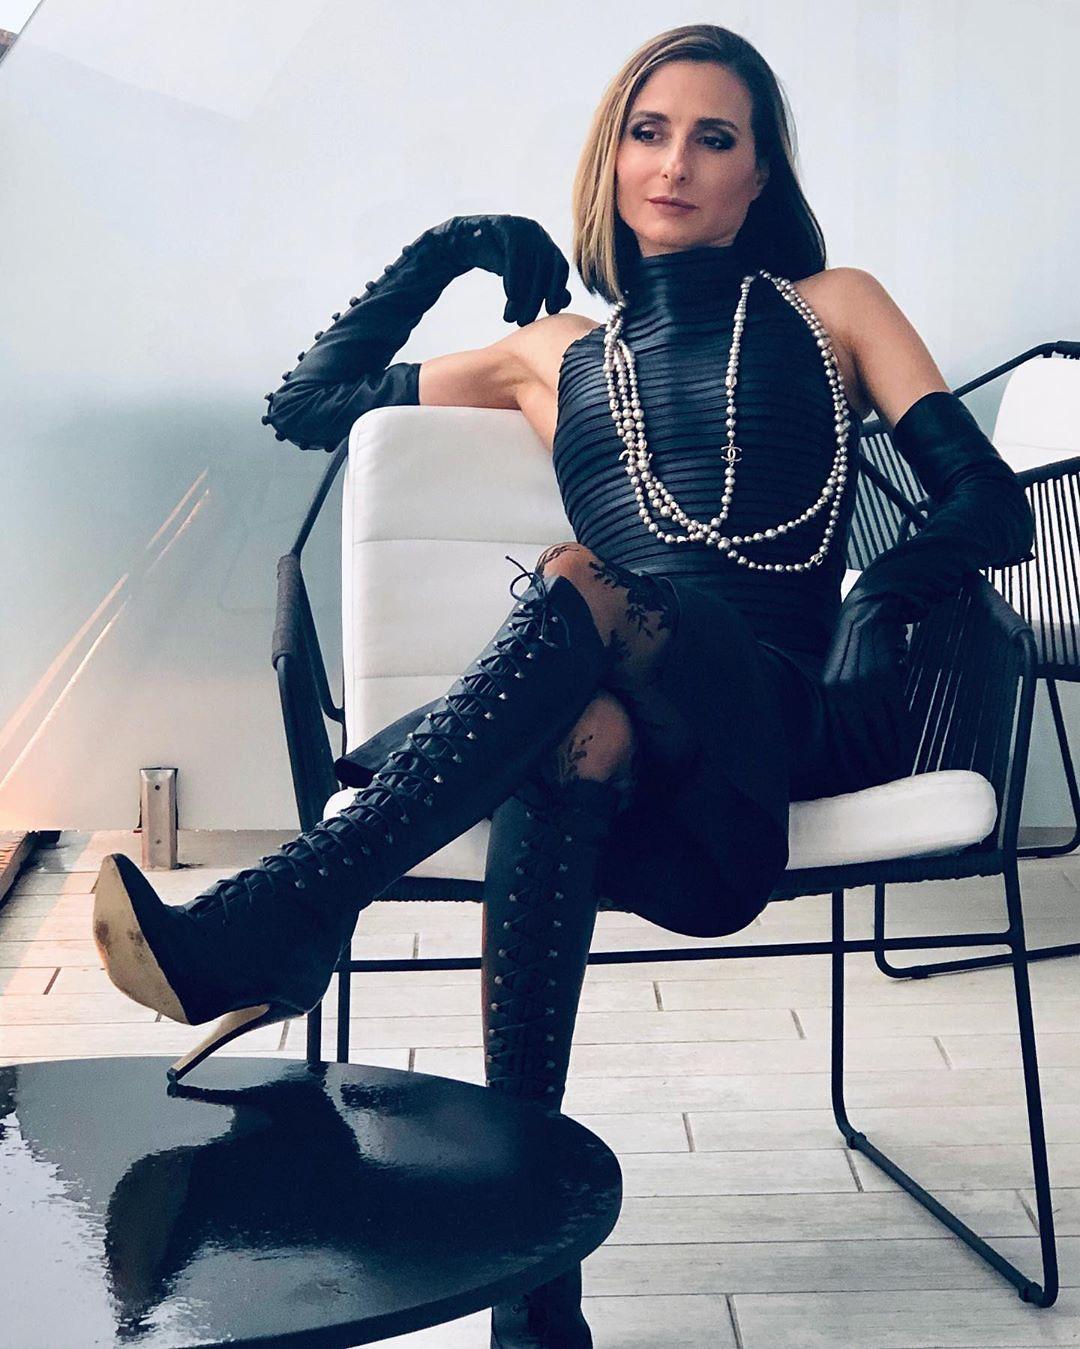 Boots mistress in Mistress Cruella